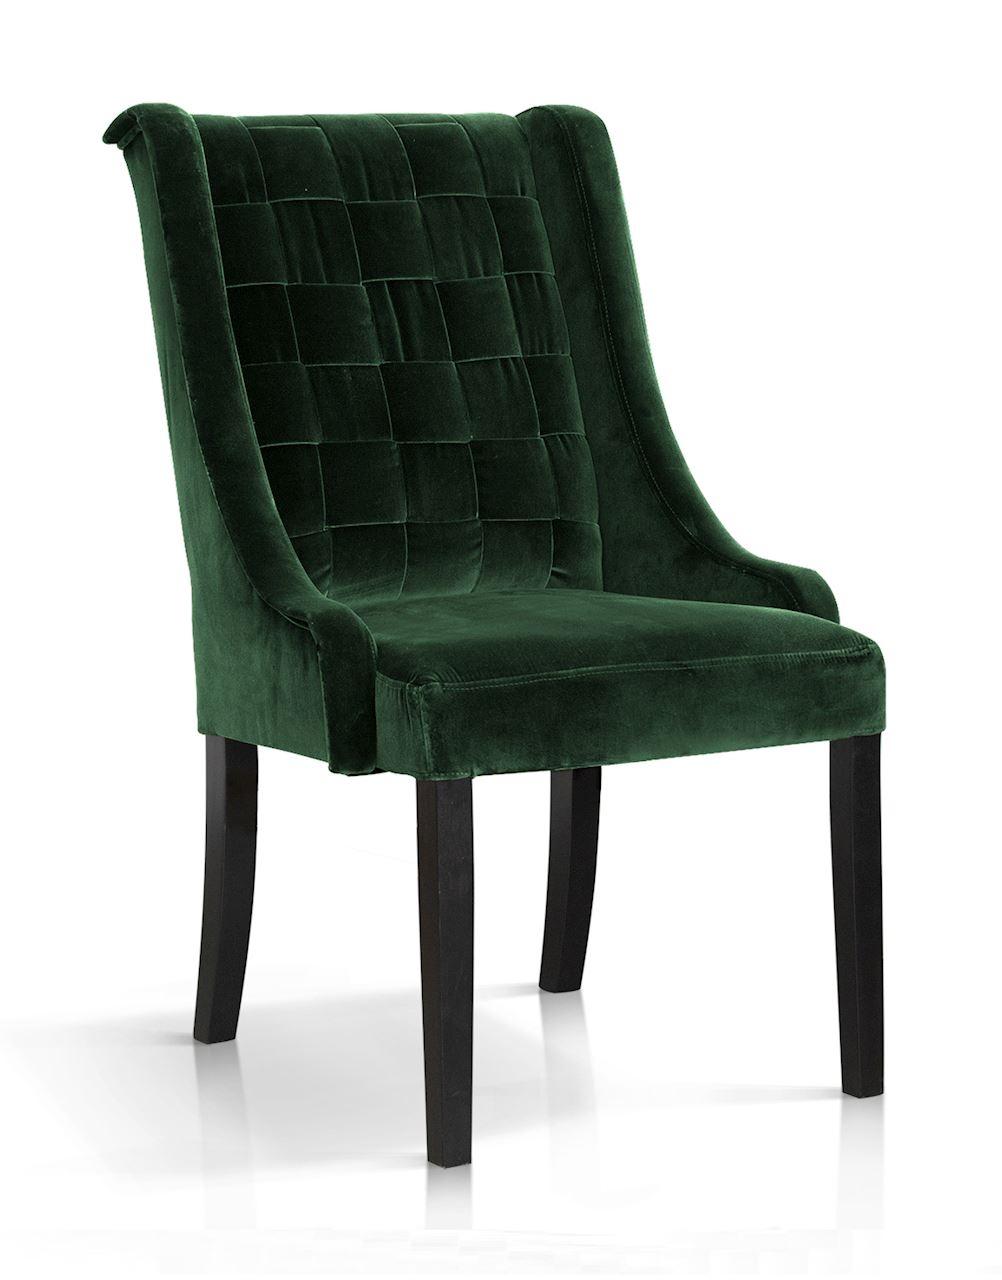 Scaun tapitat cu stofa, cu picioare din lemn Prince Verde / Negru, l55xA70xH105 cm